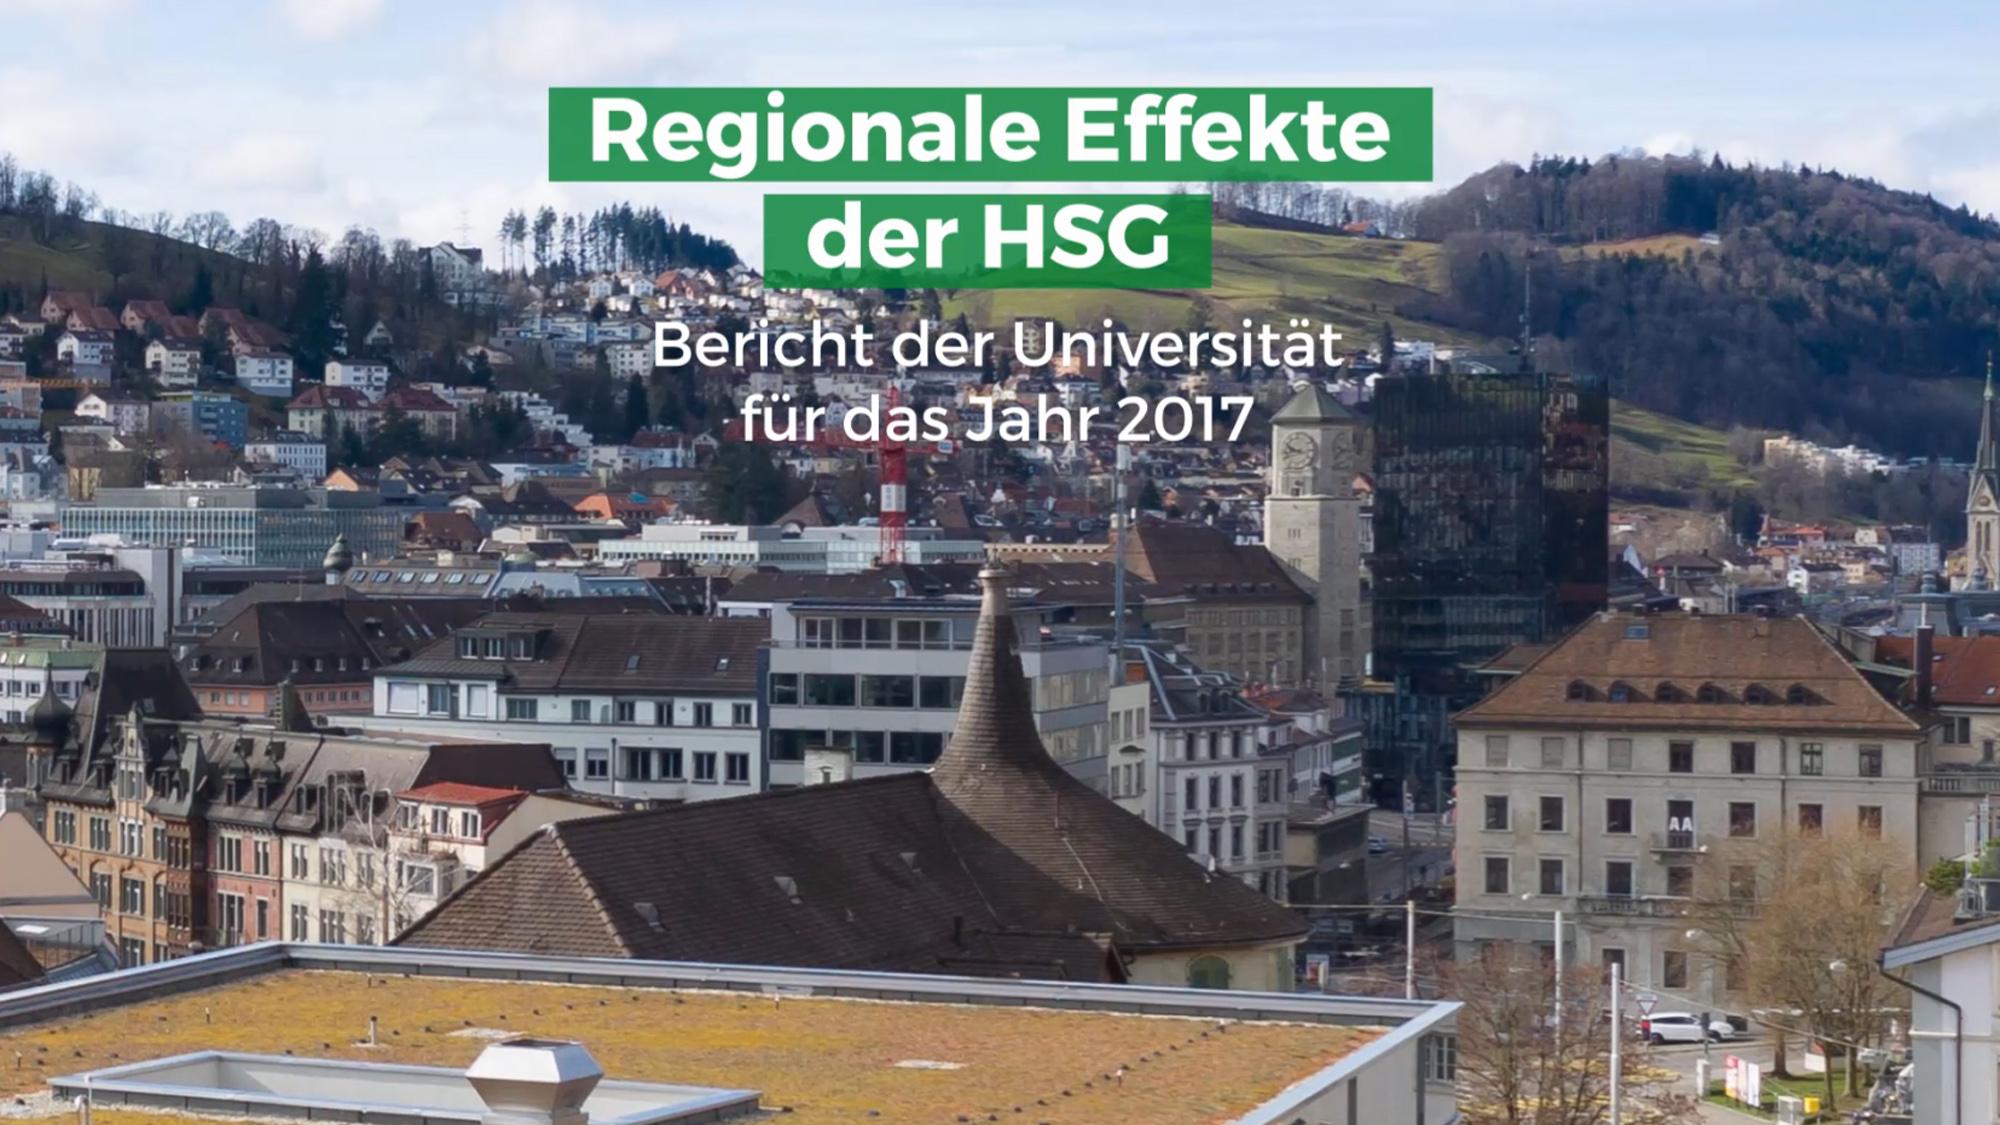 Regionale Effekte der HSG